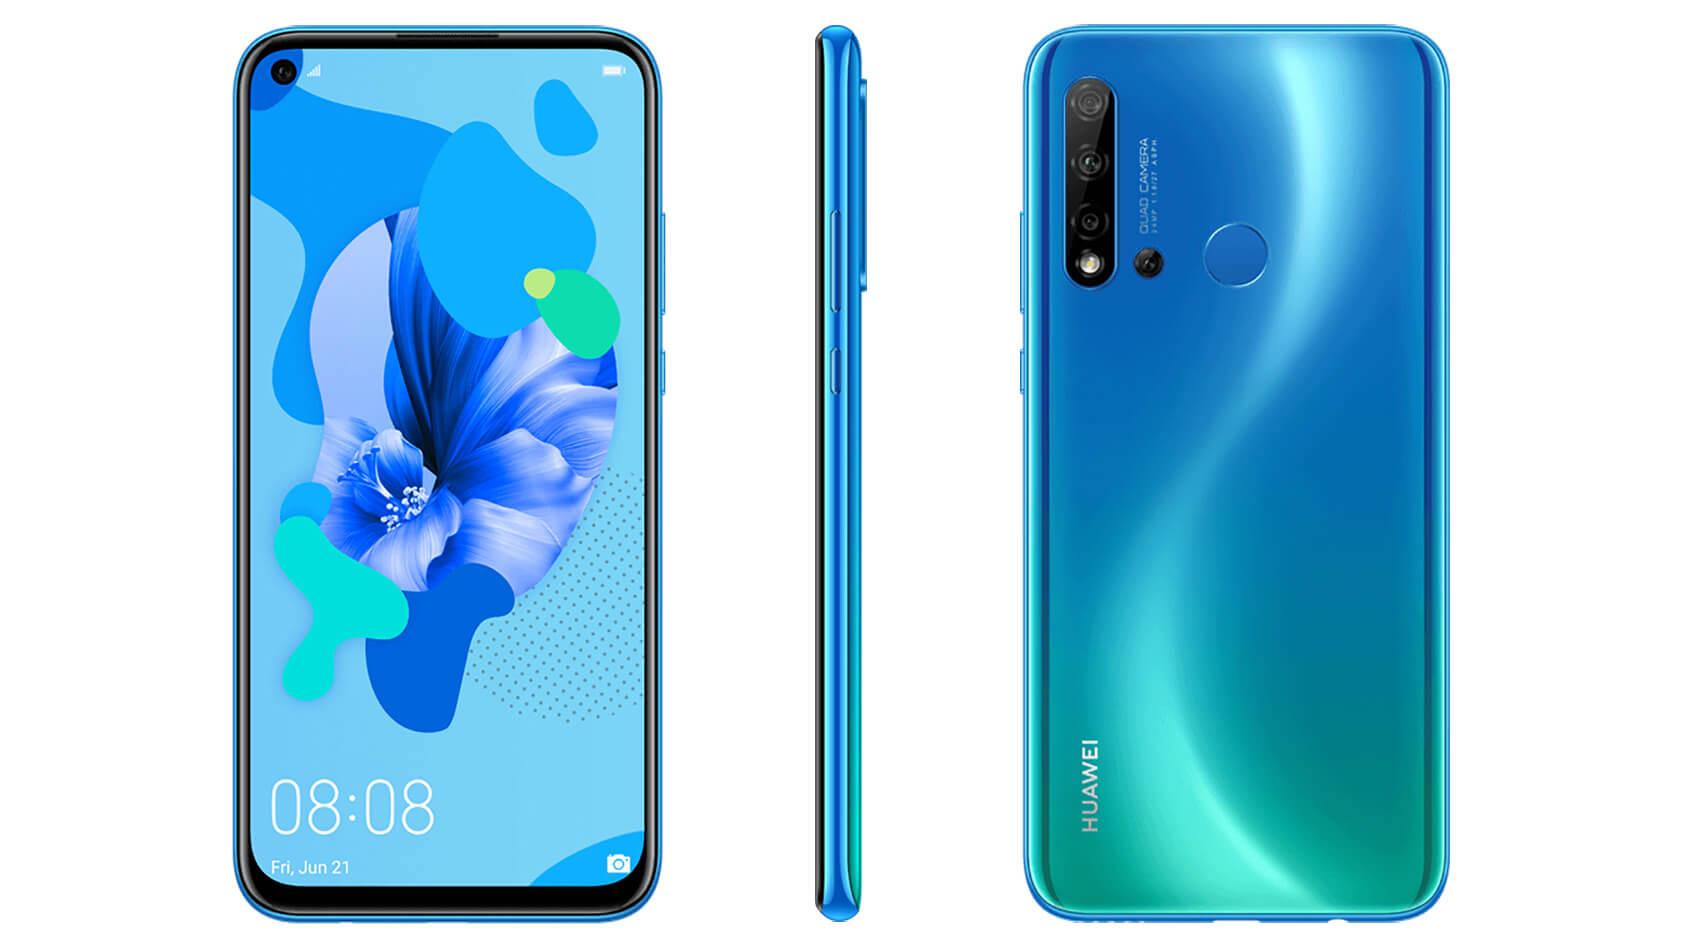 Huawei P20 Lite 2019: Mittelklasse-Erfolgsmodell jetzt mit Kamera